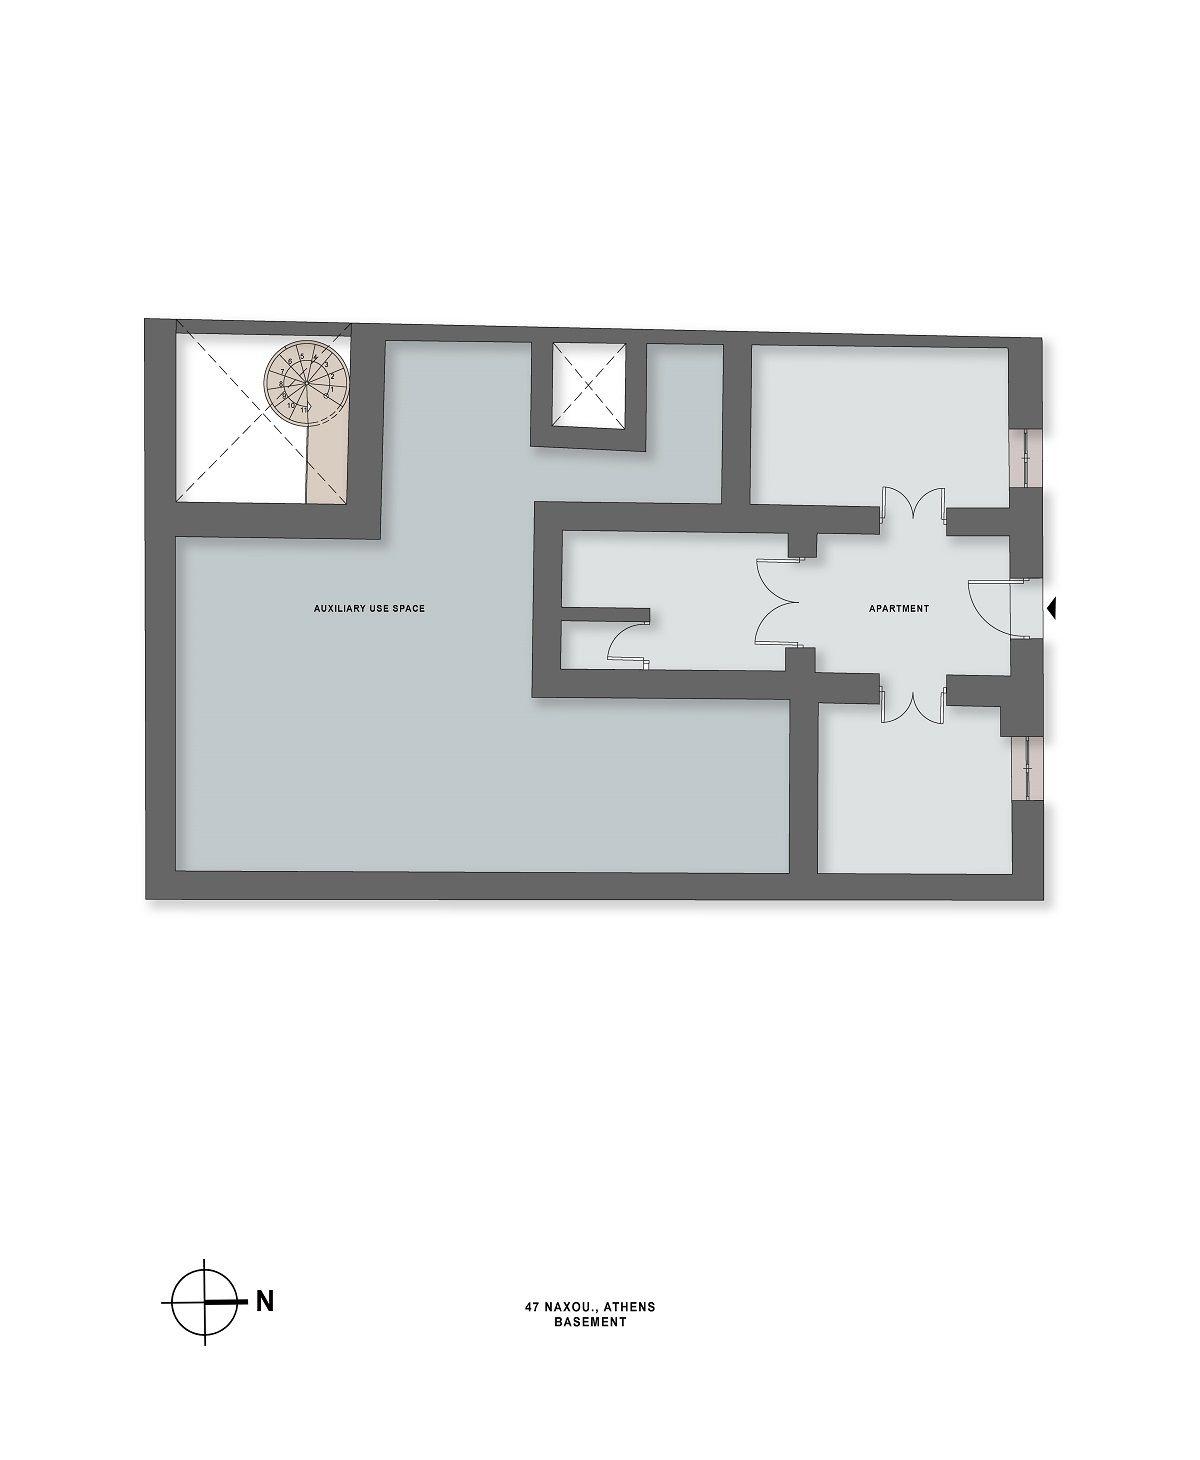 Naxou 47 basement plan